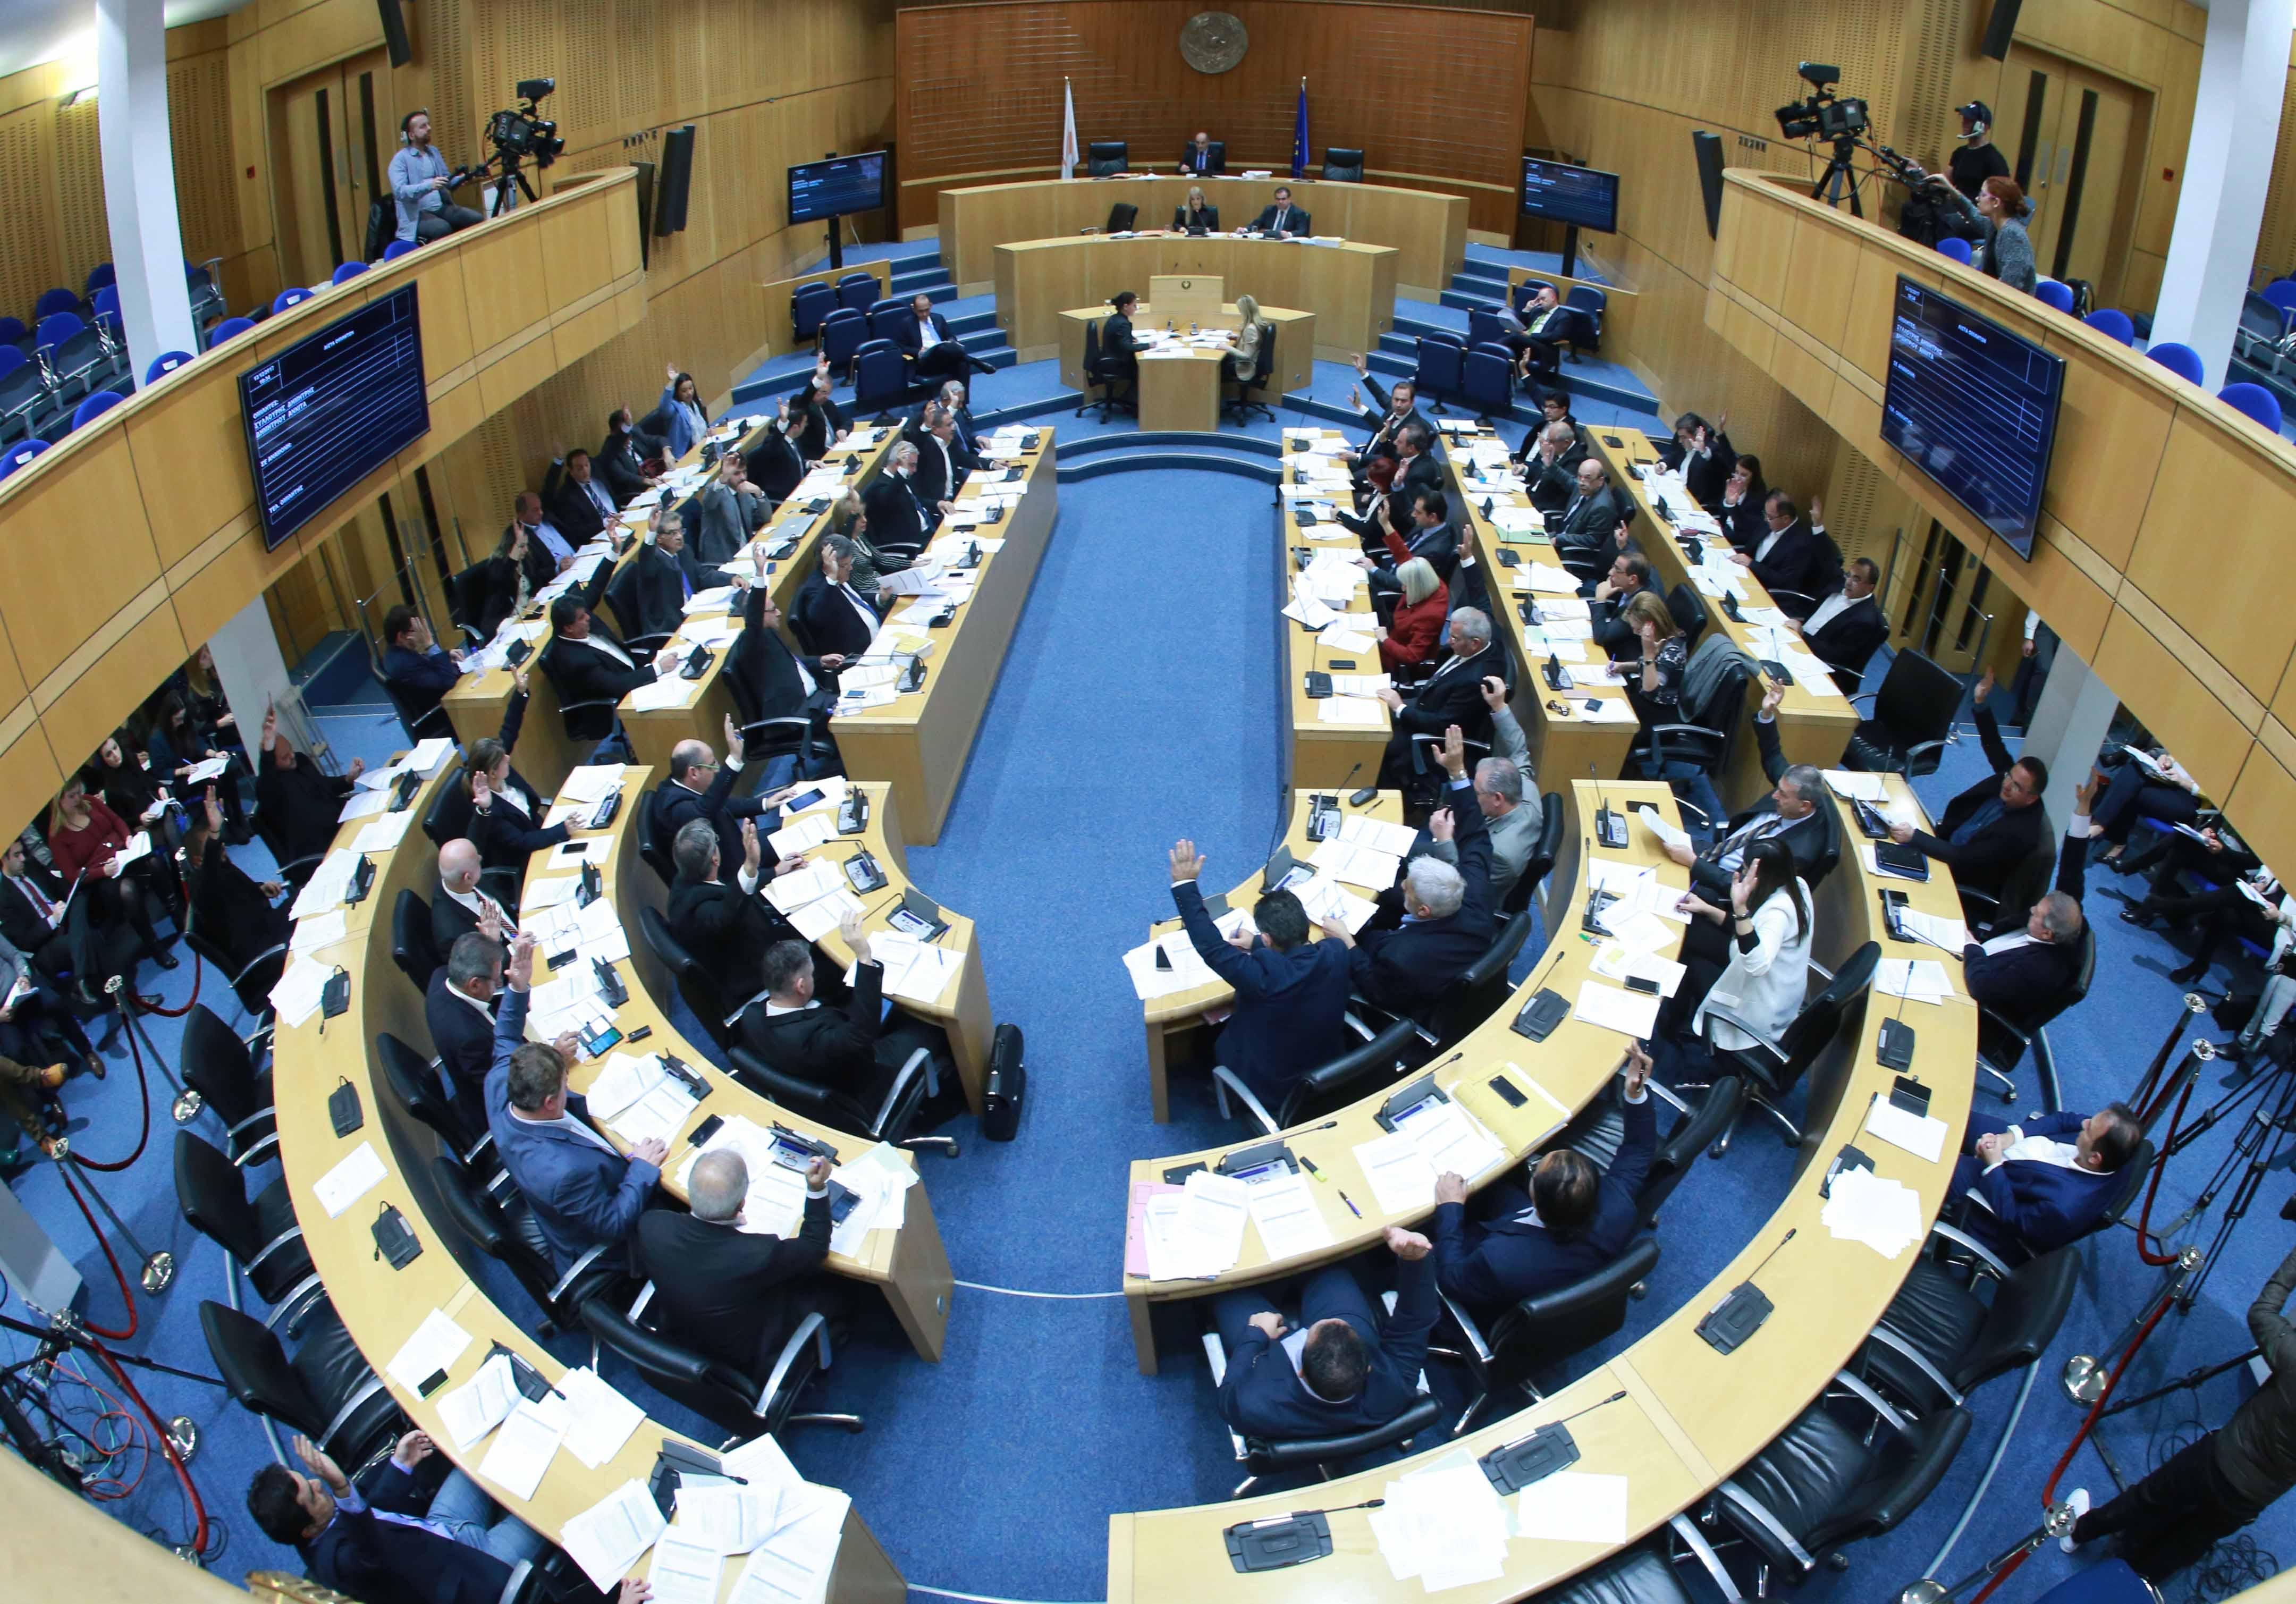 Μοναχική πορεία Κυβέρνησης - ΔΗΣΥ για τους επόμενους 17 μήνες